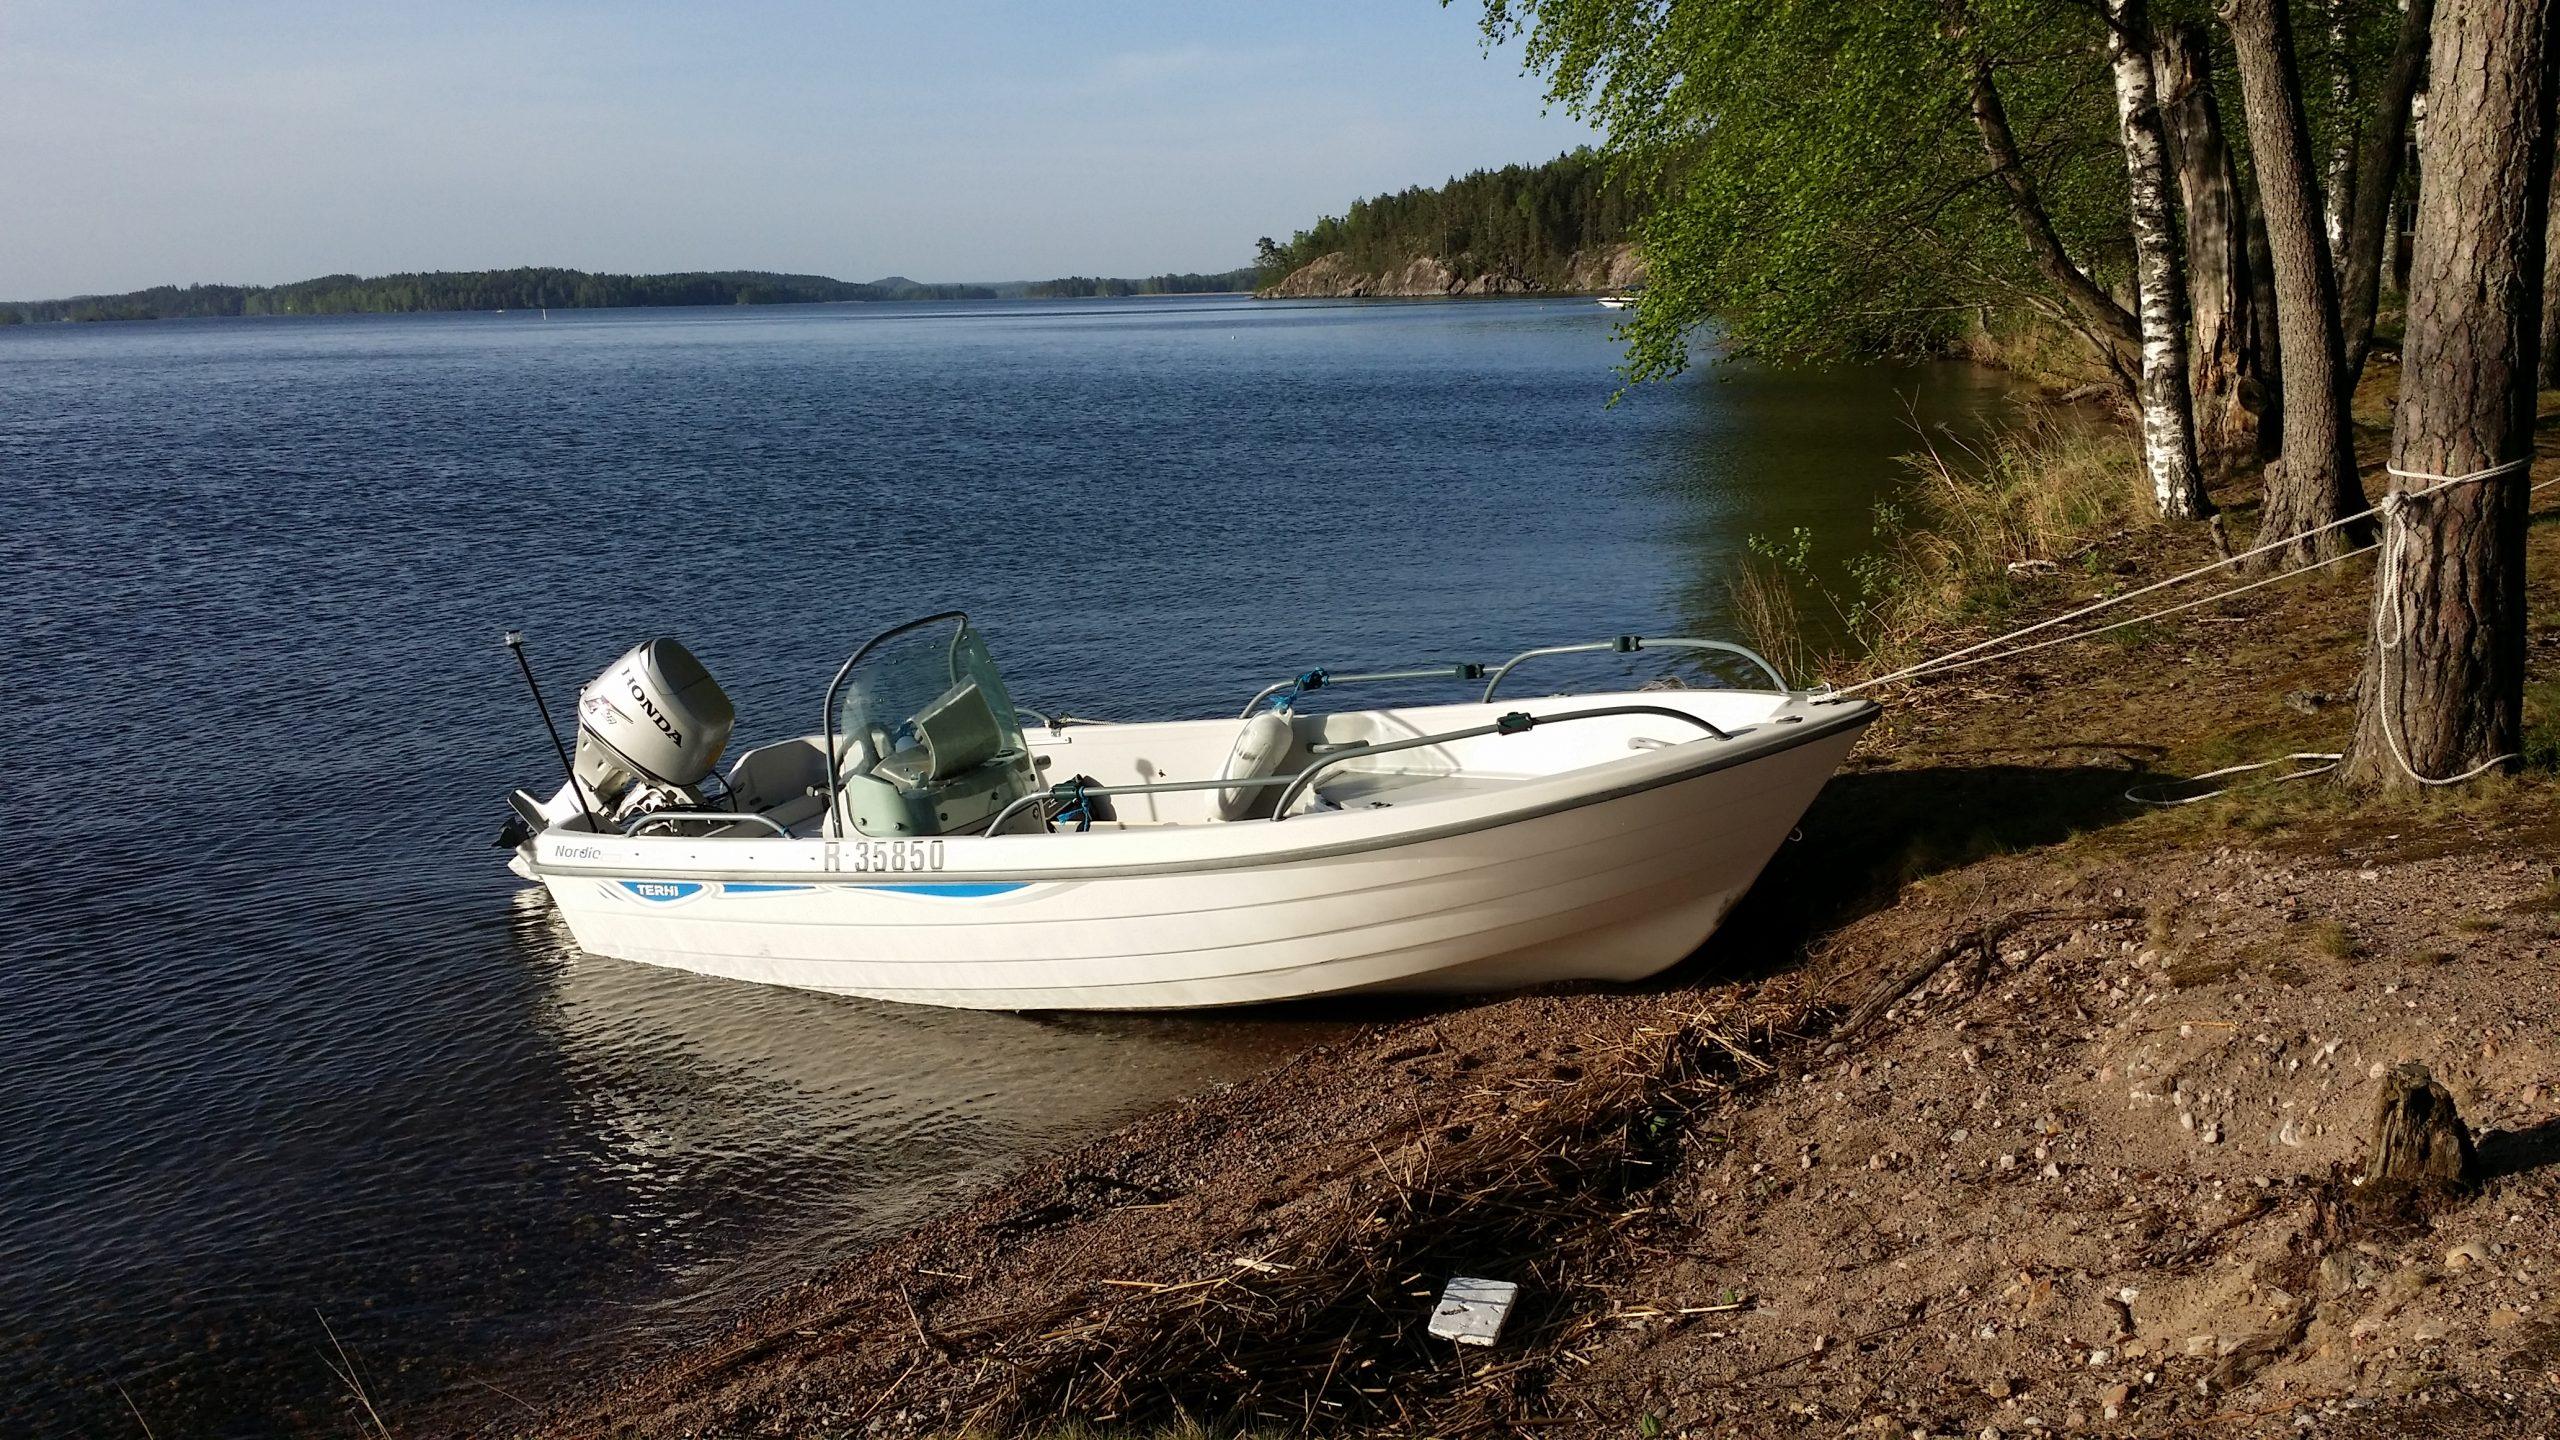 Päiväretkivene on turvallinen ja helppokäyttöinen